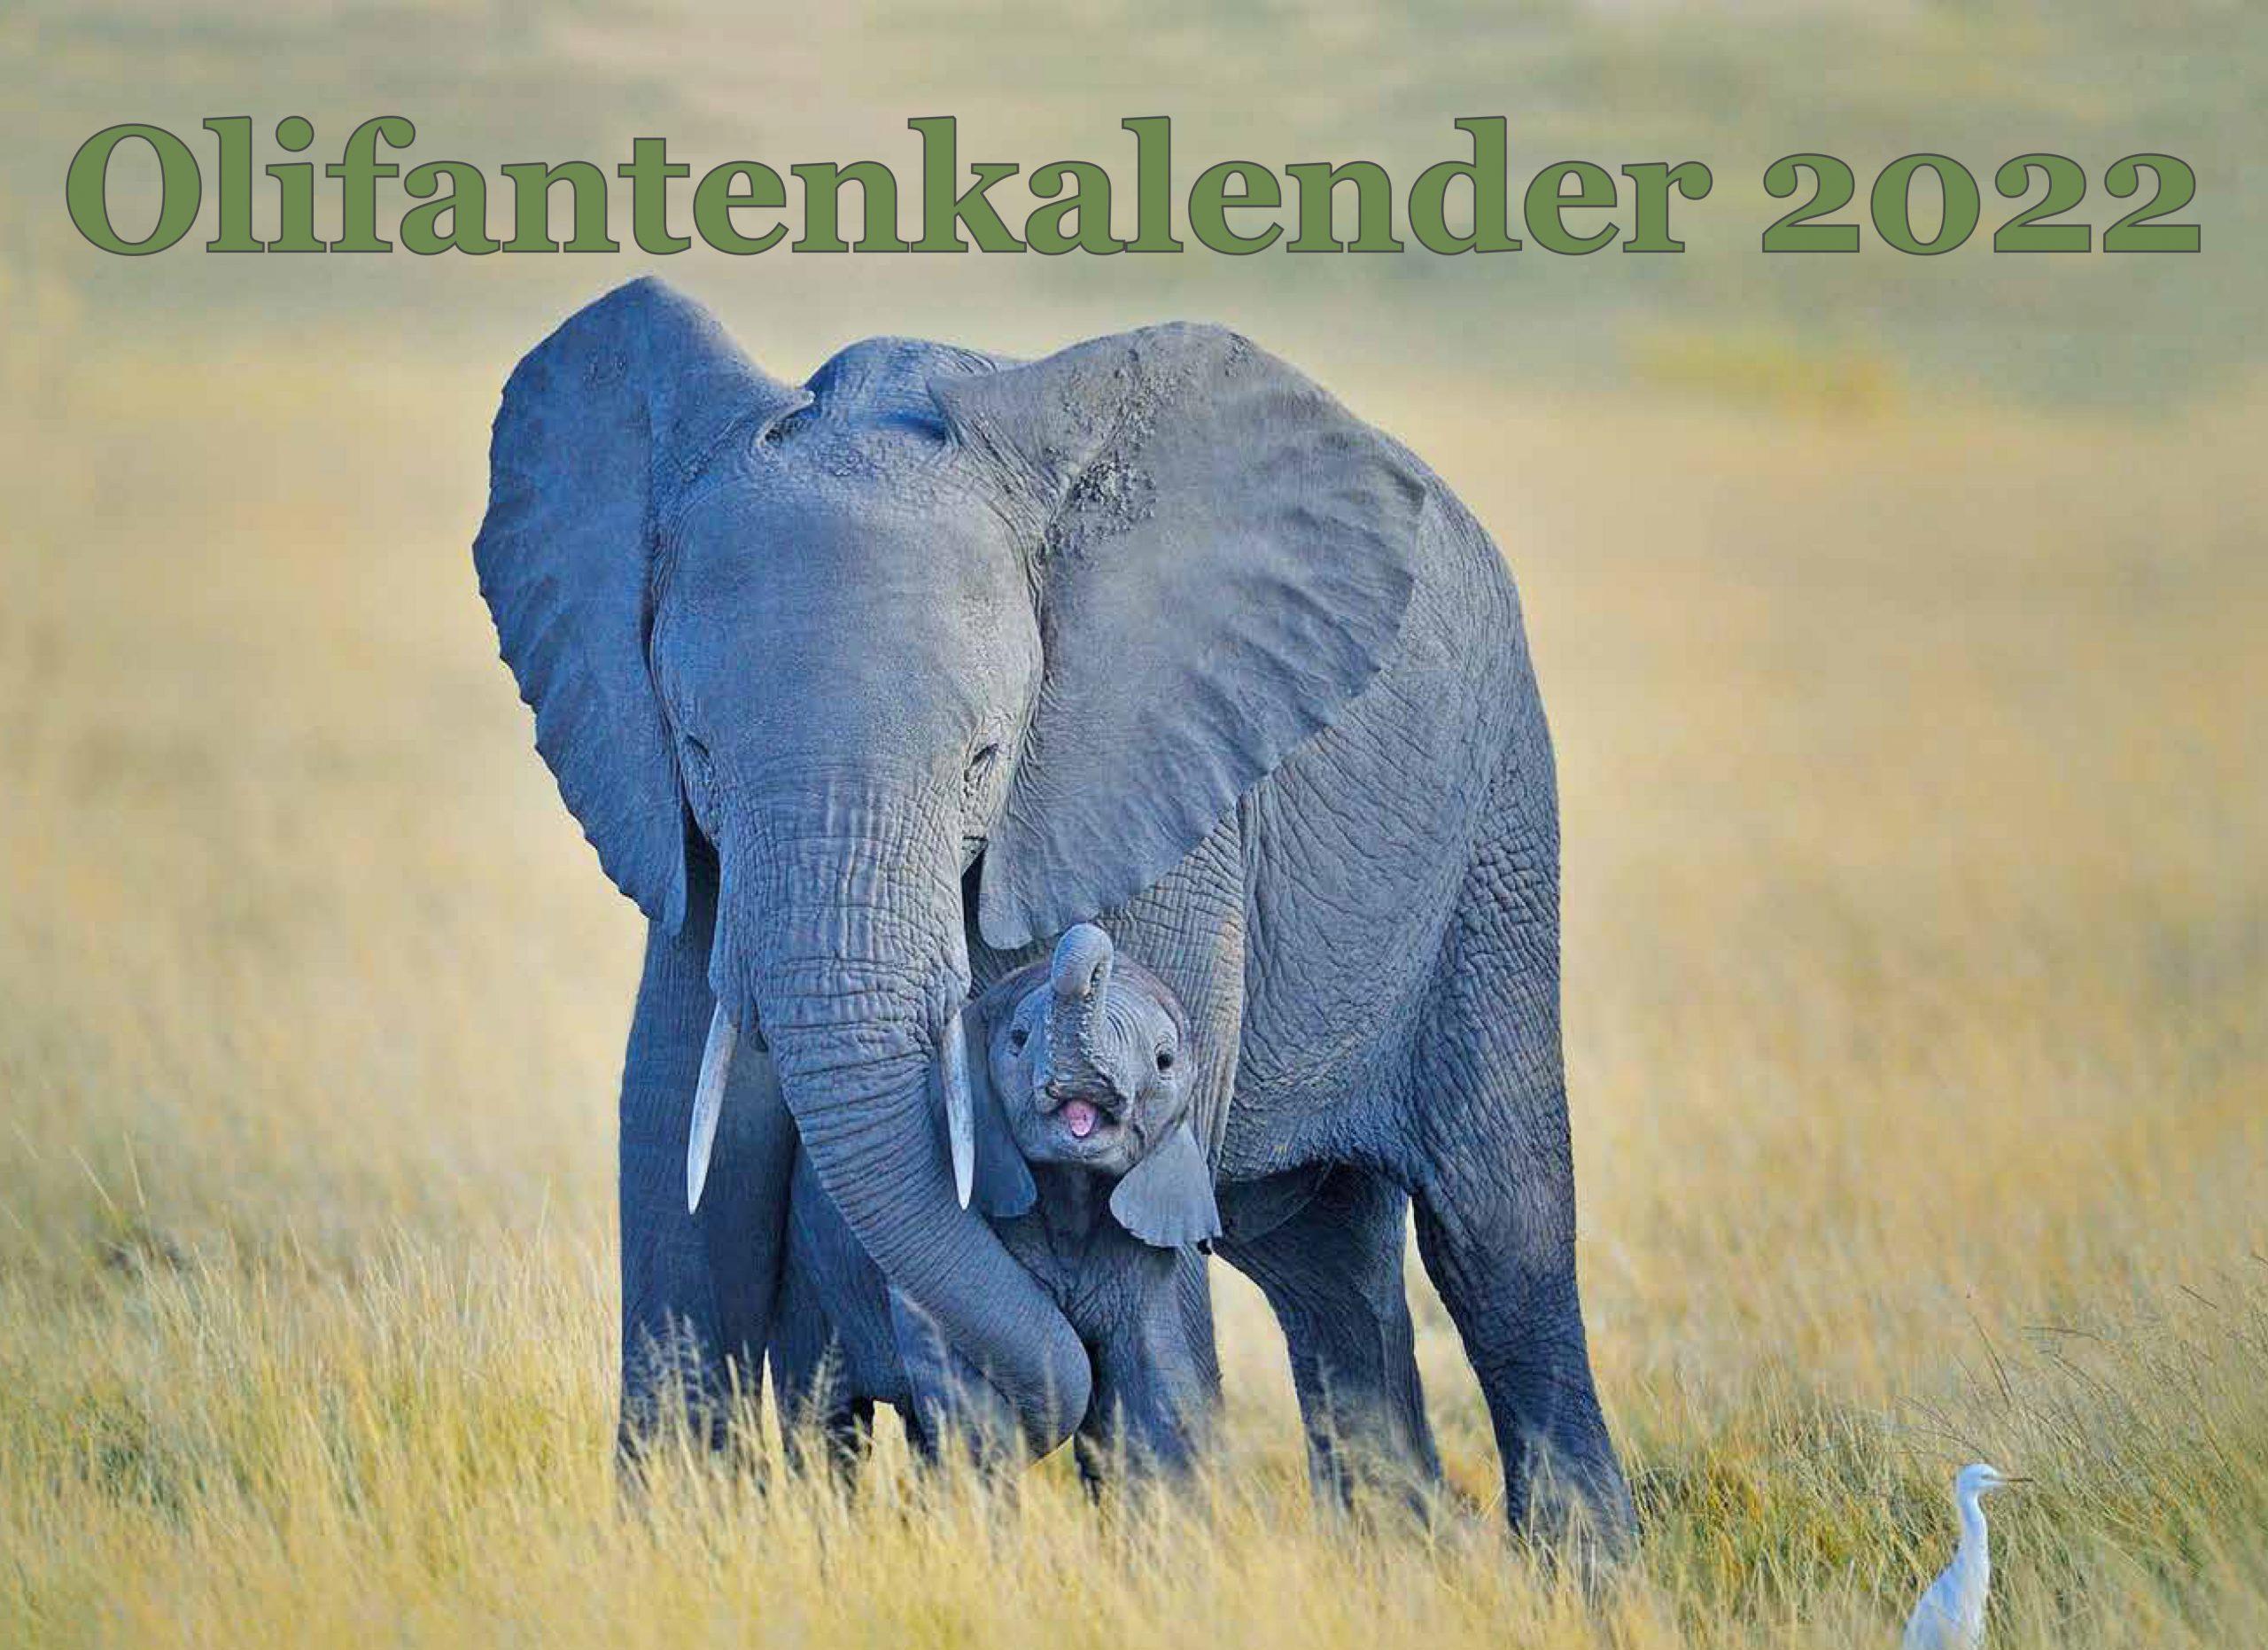 Olifantenkalender 2022